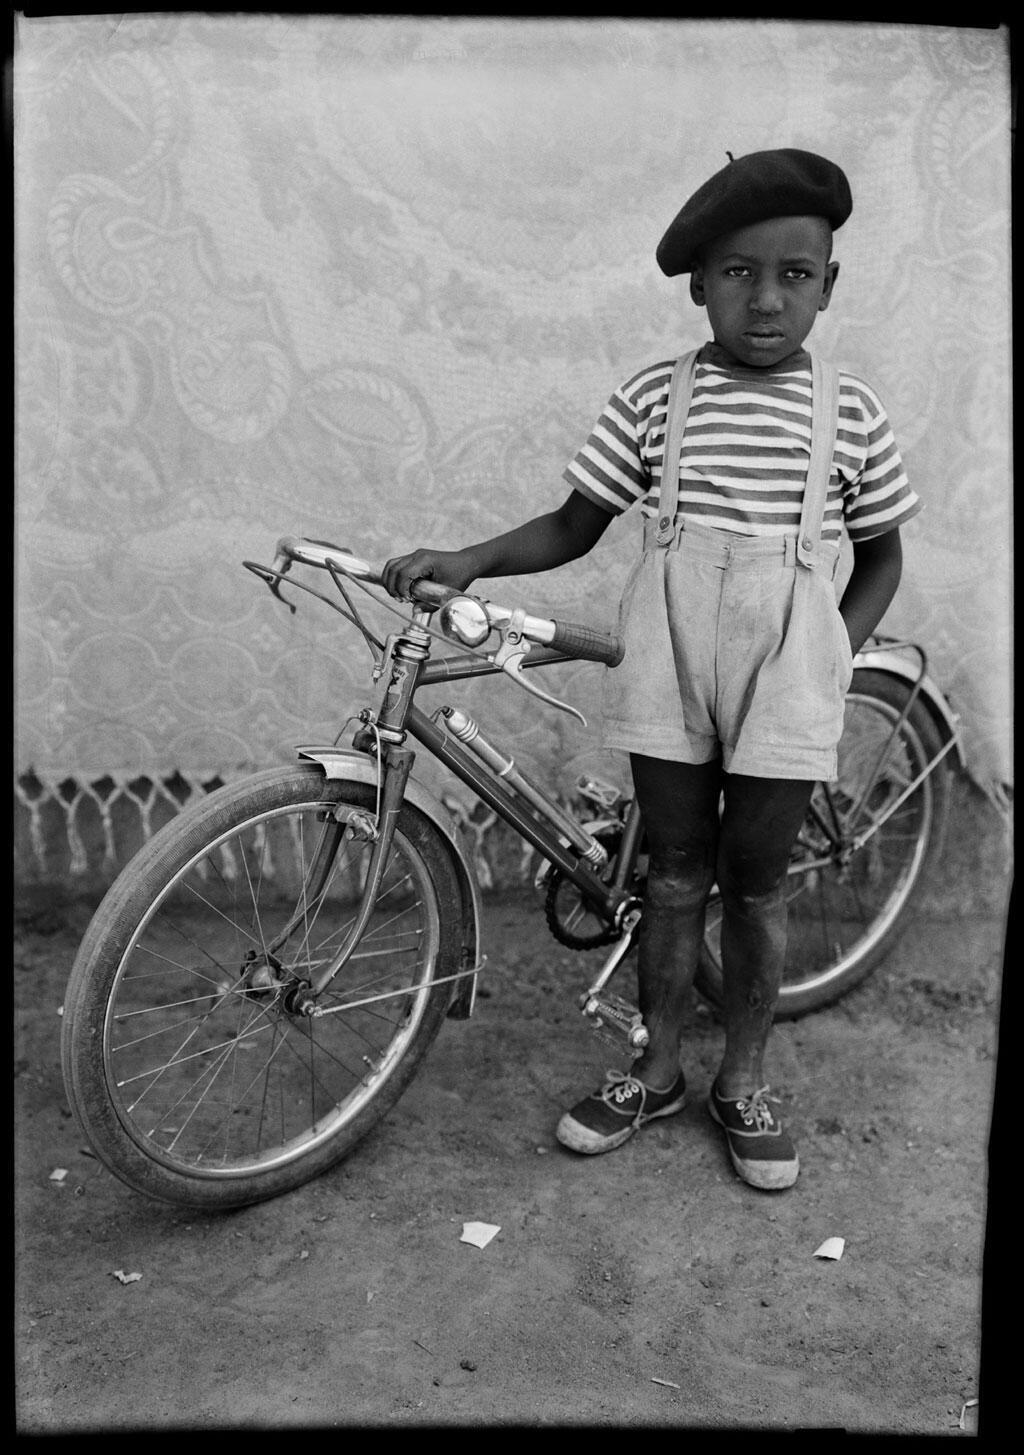 Seydou Keïta, Sans titre, 1948/54, tirage argentique moderne.